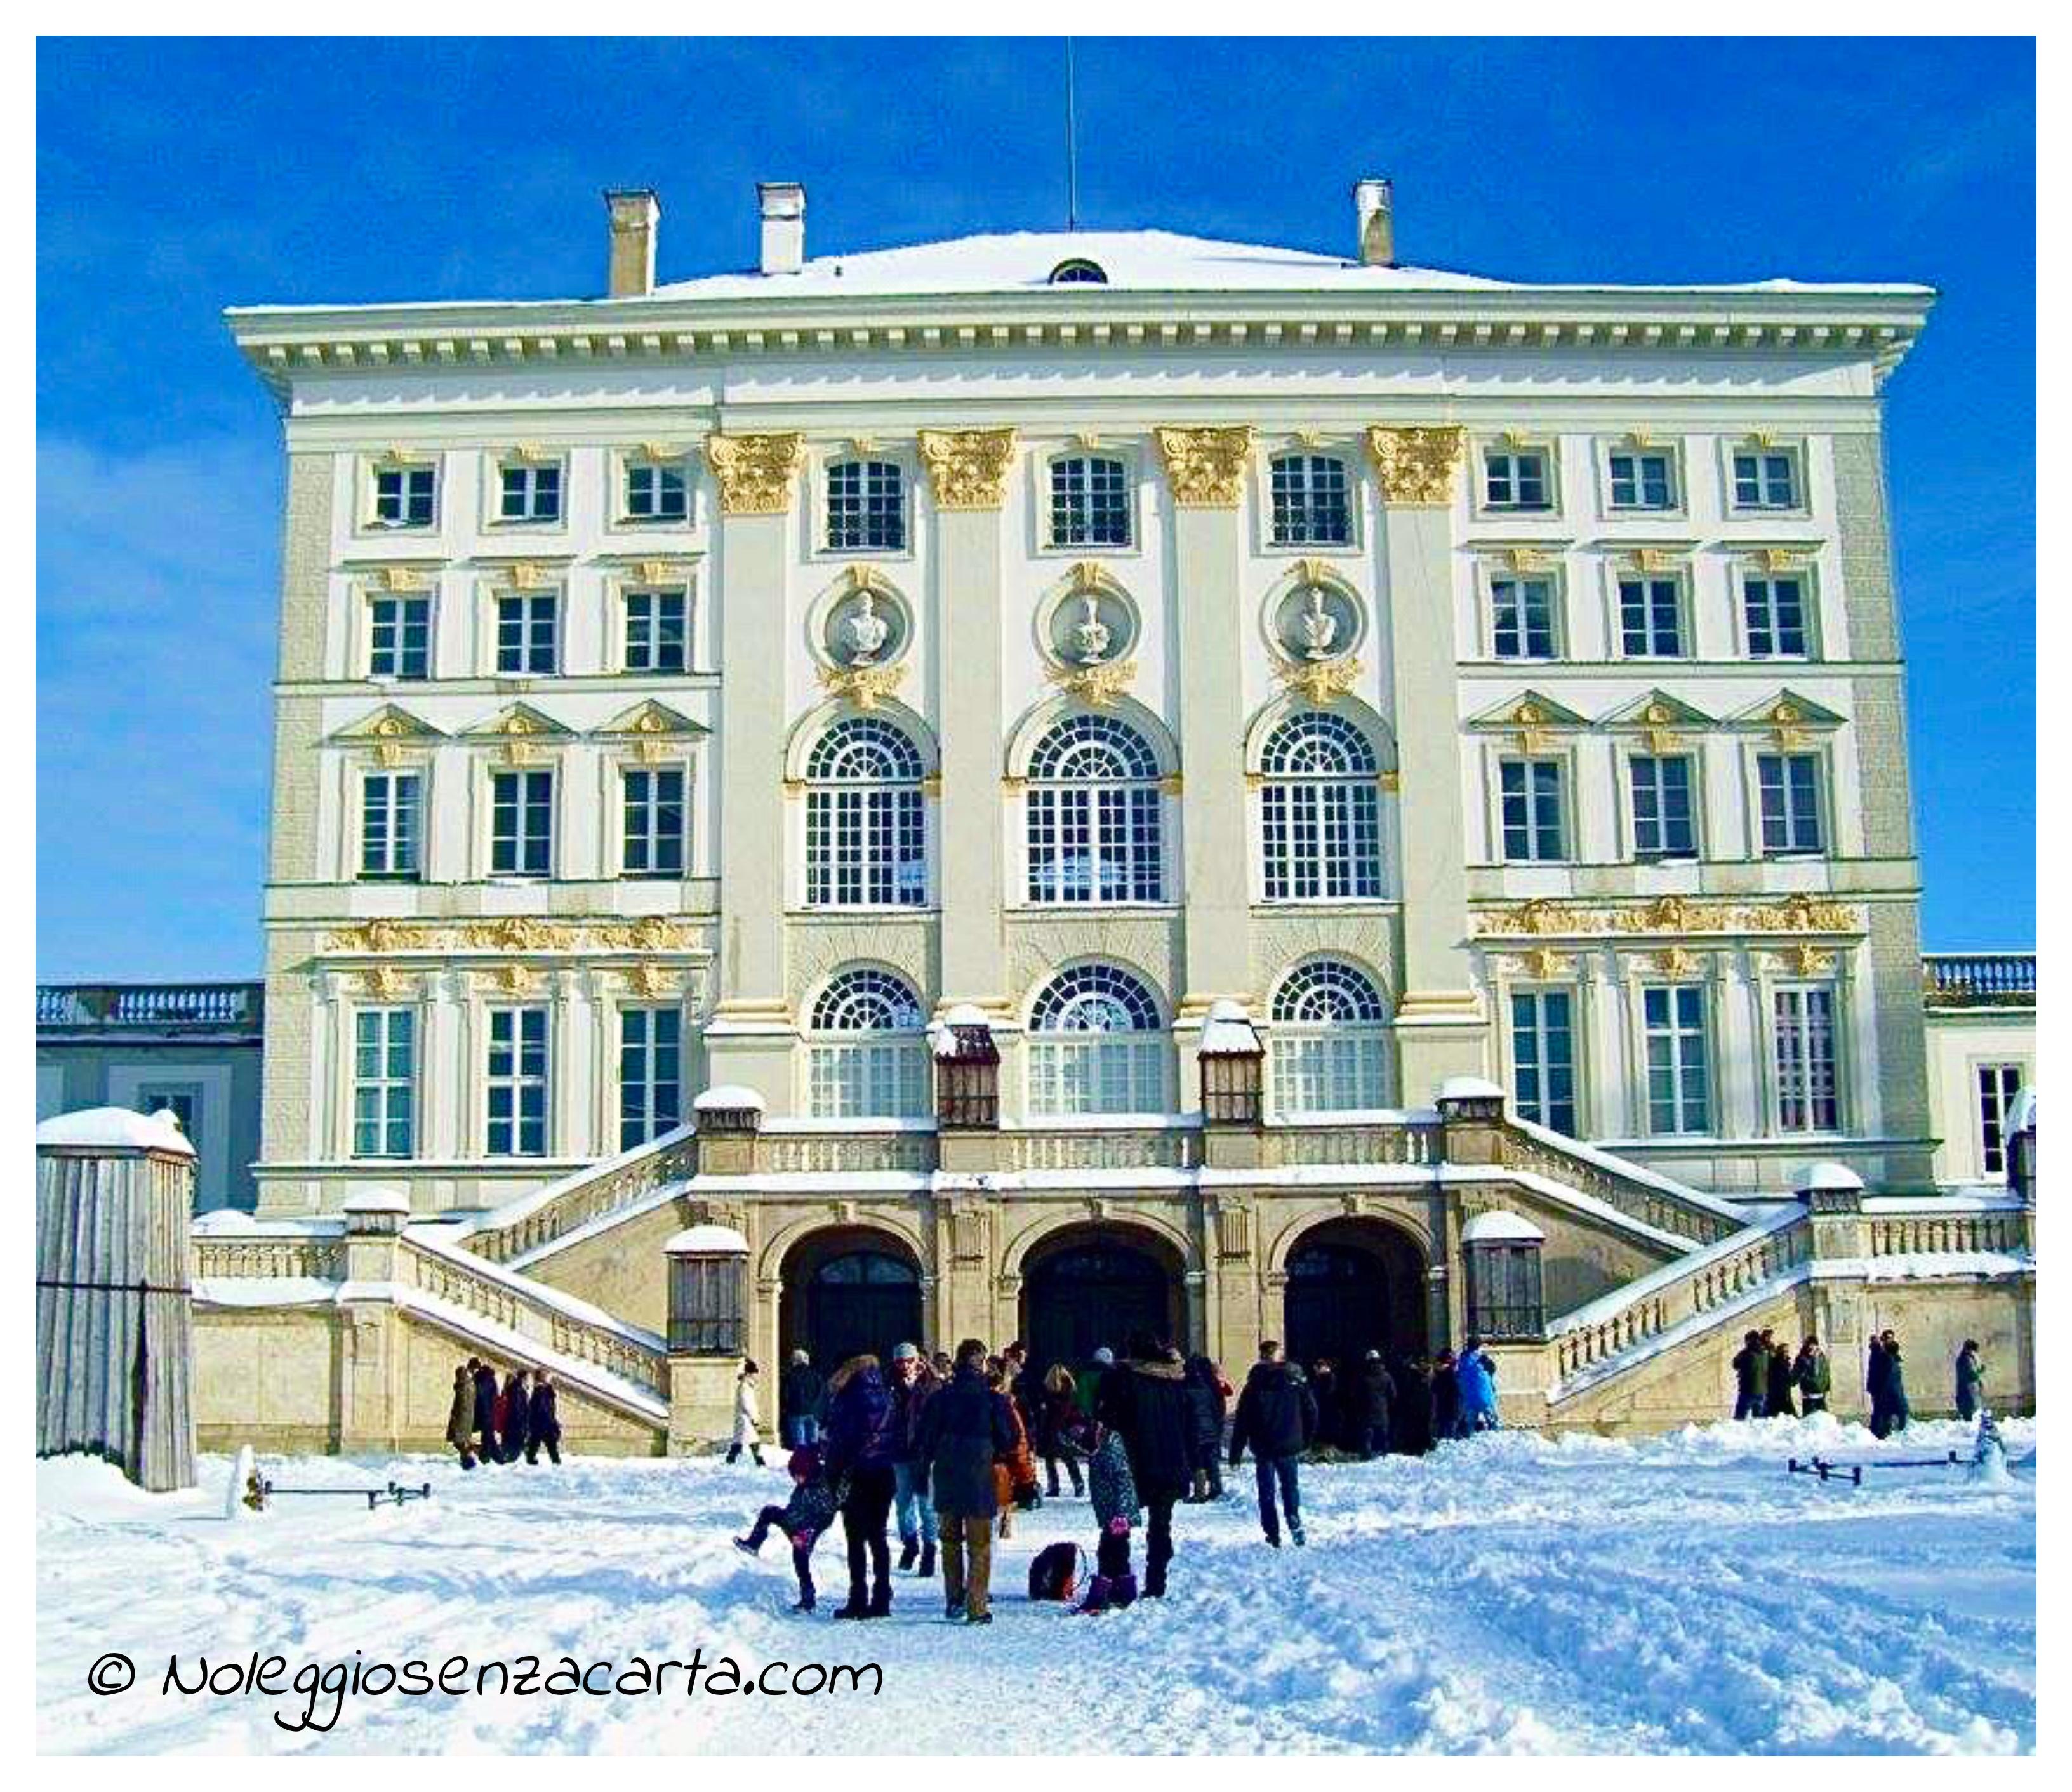 Noleggiare auto senza carta di credito a Monaco di Baviera